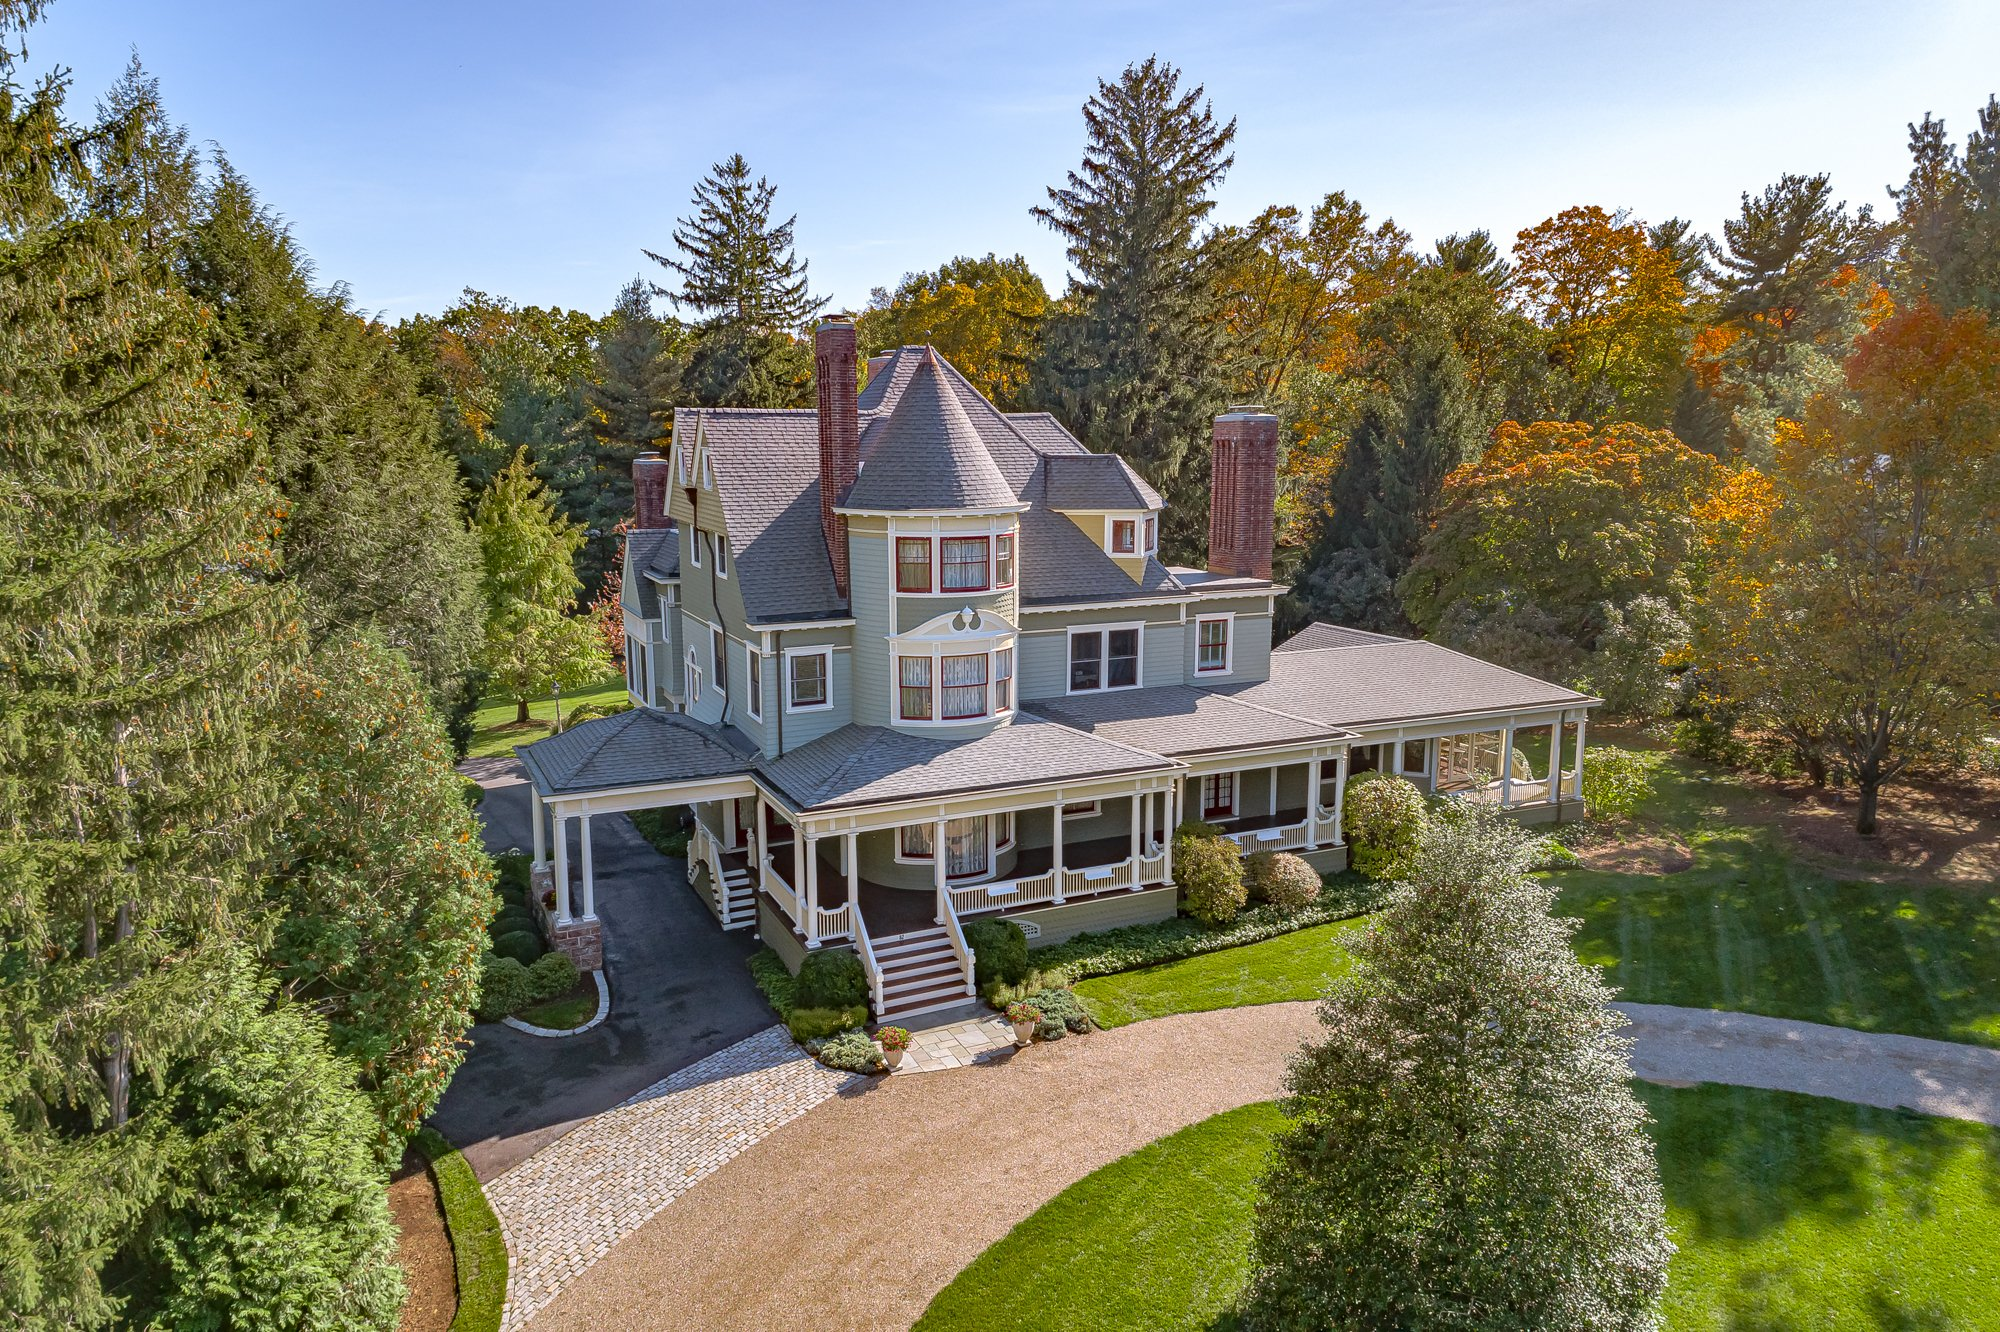 Casa a Madison, New Jersey, Stati Uniti 1 - 11415157